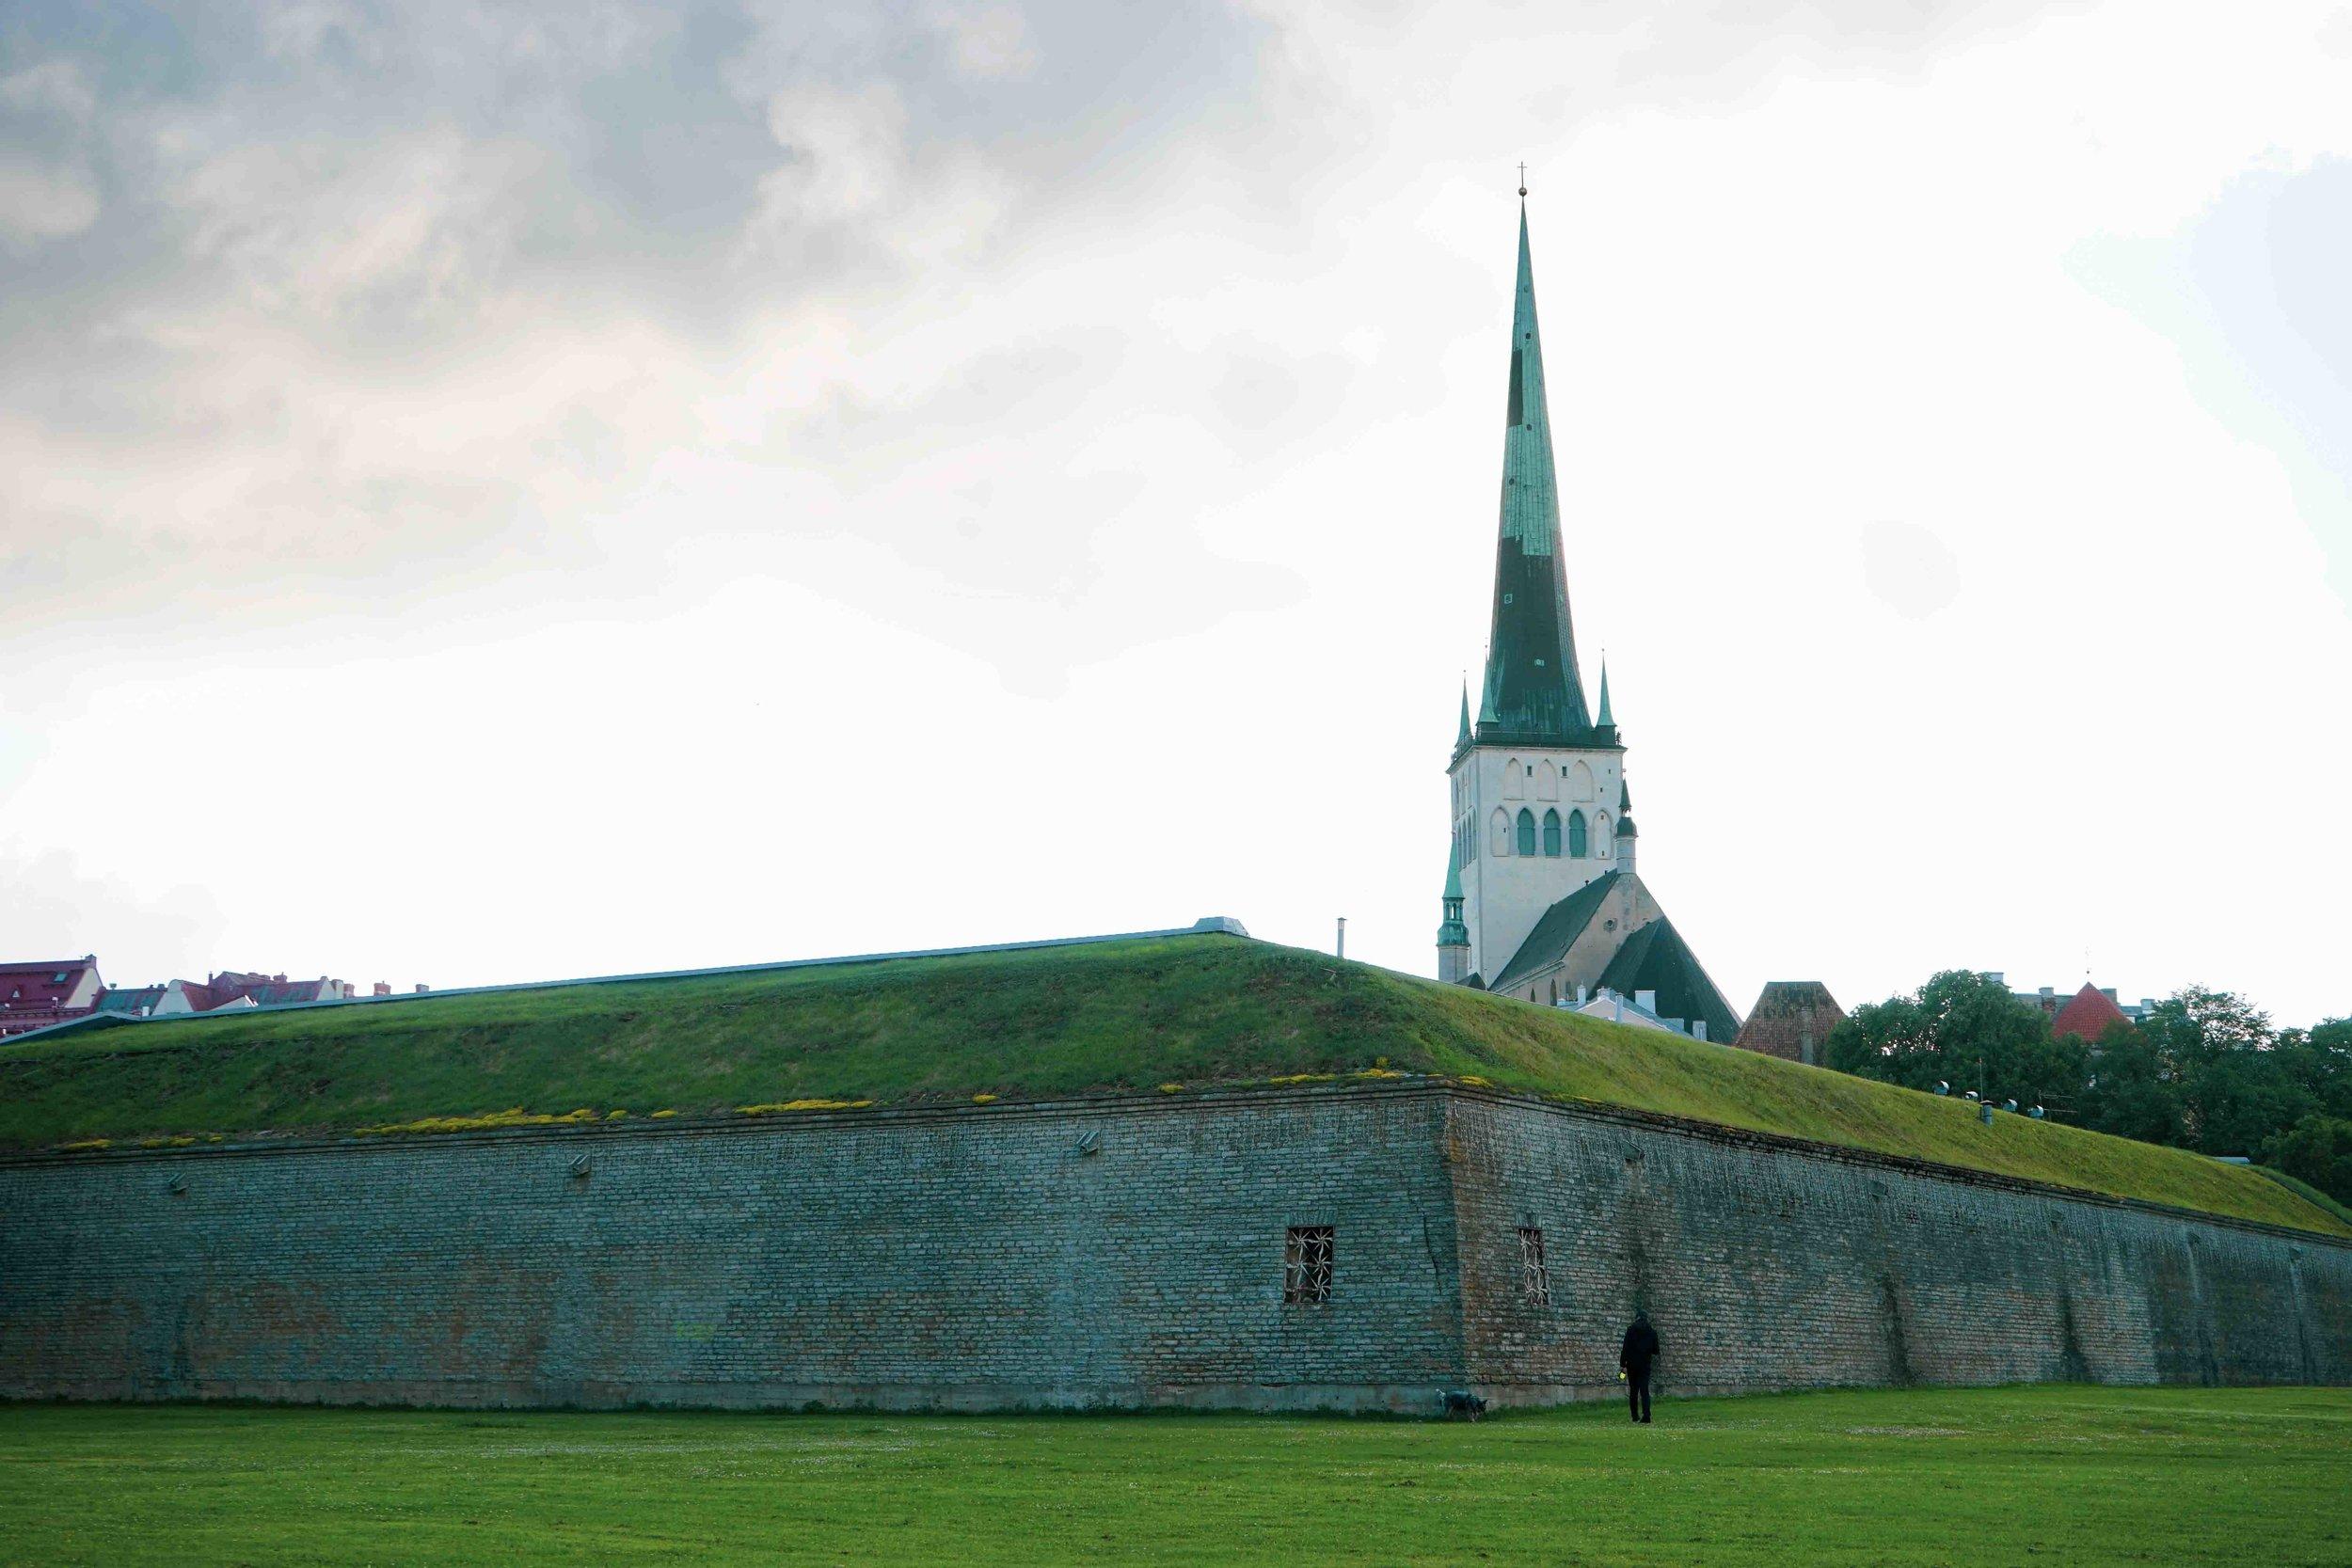 準備回碼頭前,在另一個角度看到了St Olaf's 教堂。這時天色便開始轉陰,感謝天公造美,讓我們感受愛沙尼亞放晴的一天。